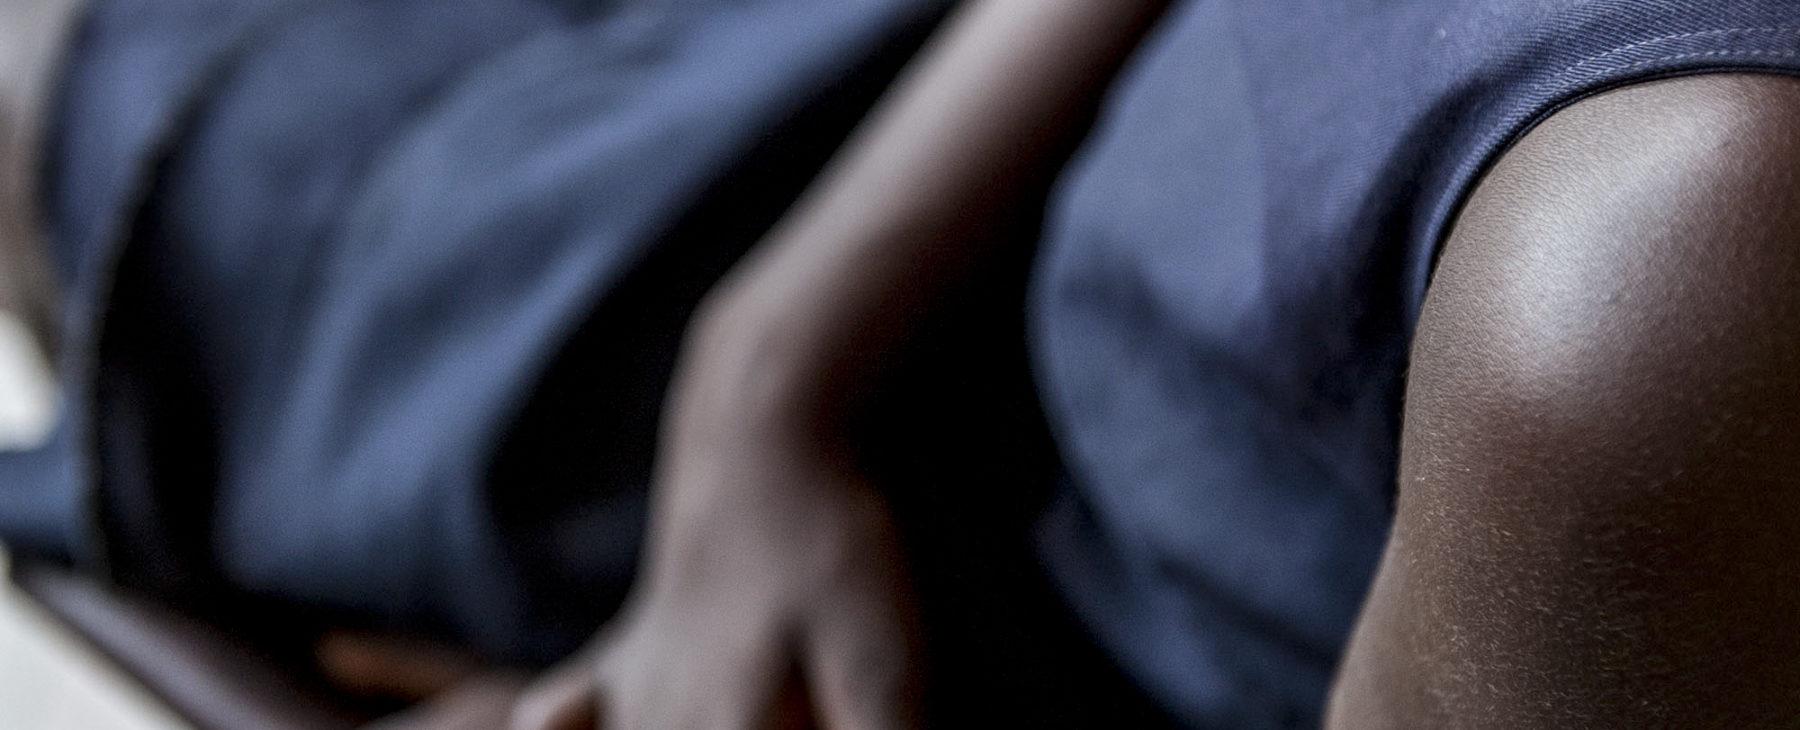 Burundi : une affaire de viol sur mineure devant les juges